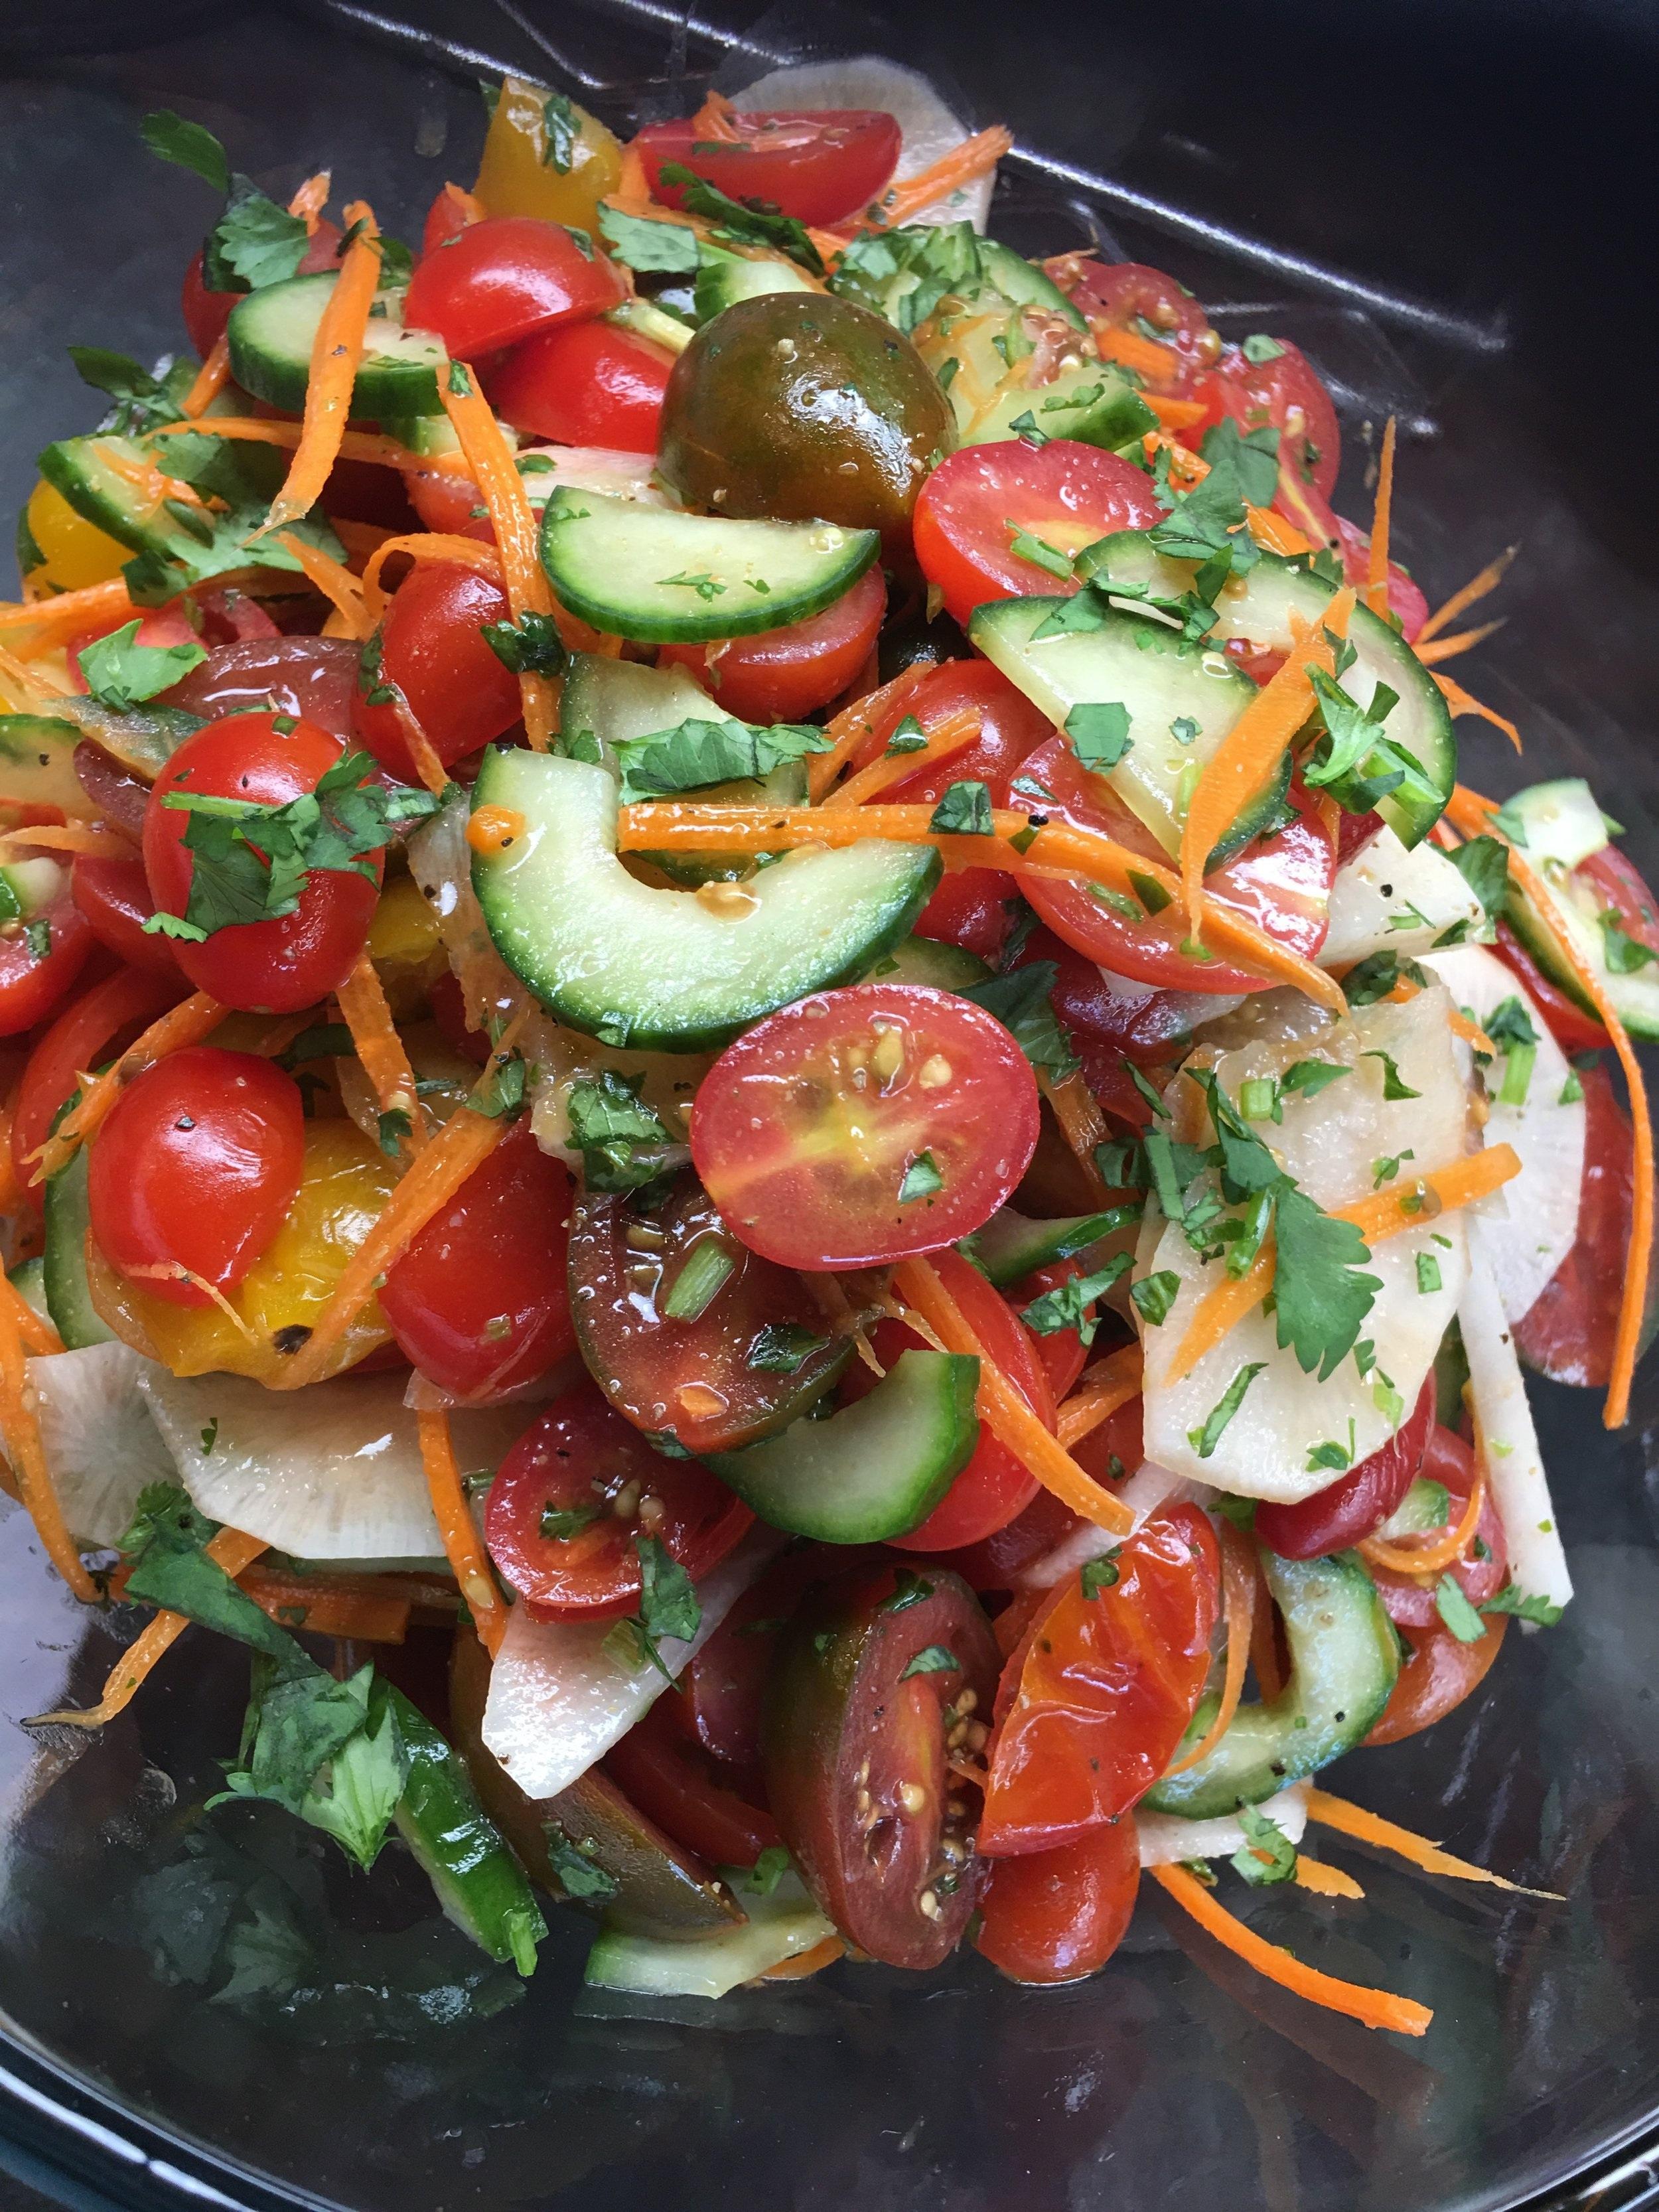 Cook-with-Chef-Traci-Wellness-Day-Demo-Seasonal-Salad.jpg